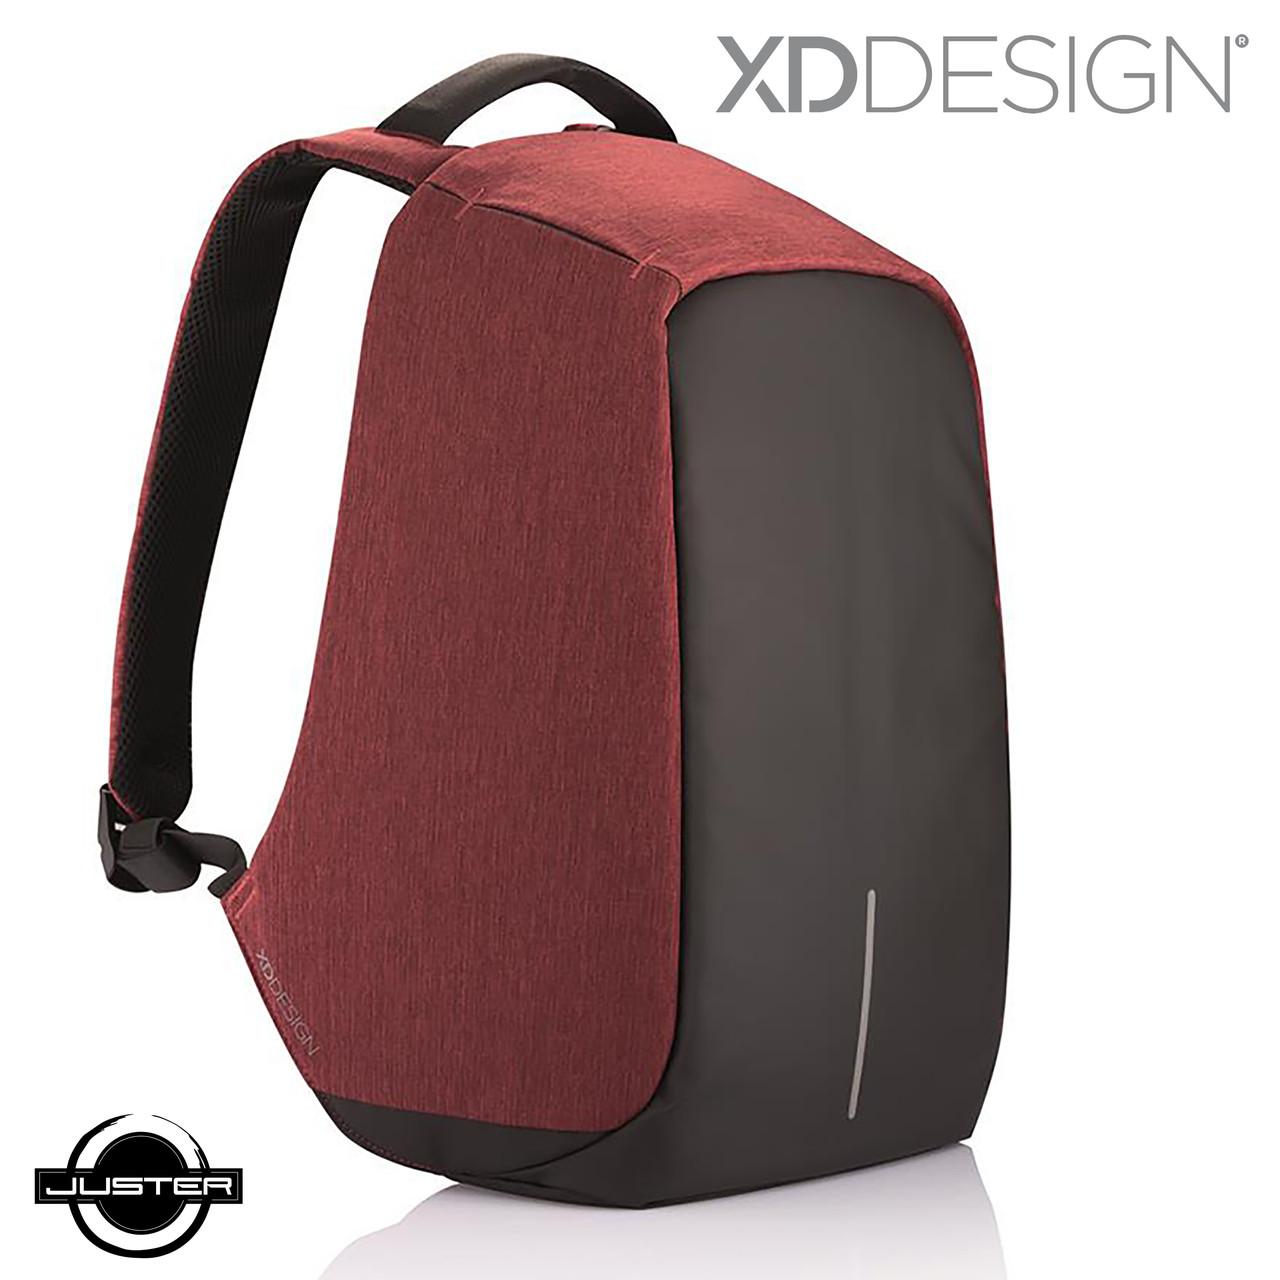 Оригинал рюкзак XD Design Bobby Отправка без предоплаты Защитный код и фирменная коробка (P705.544)